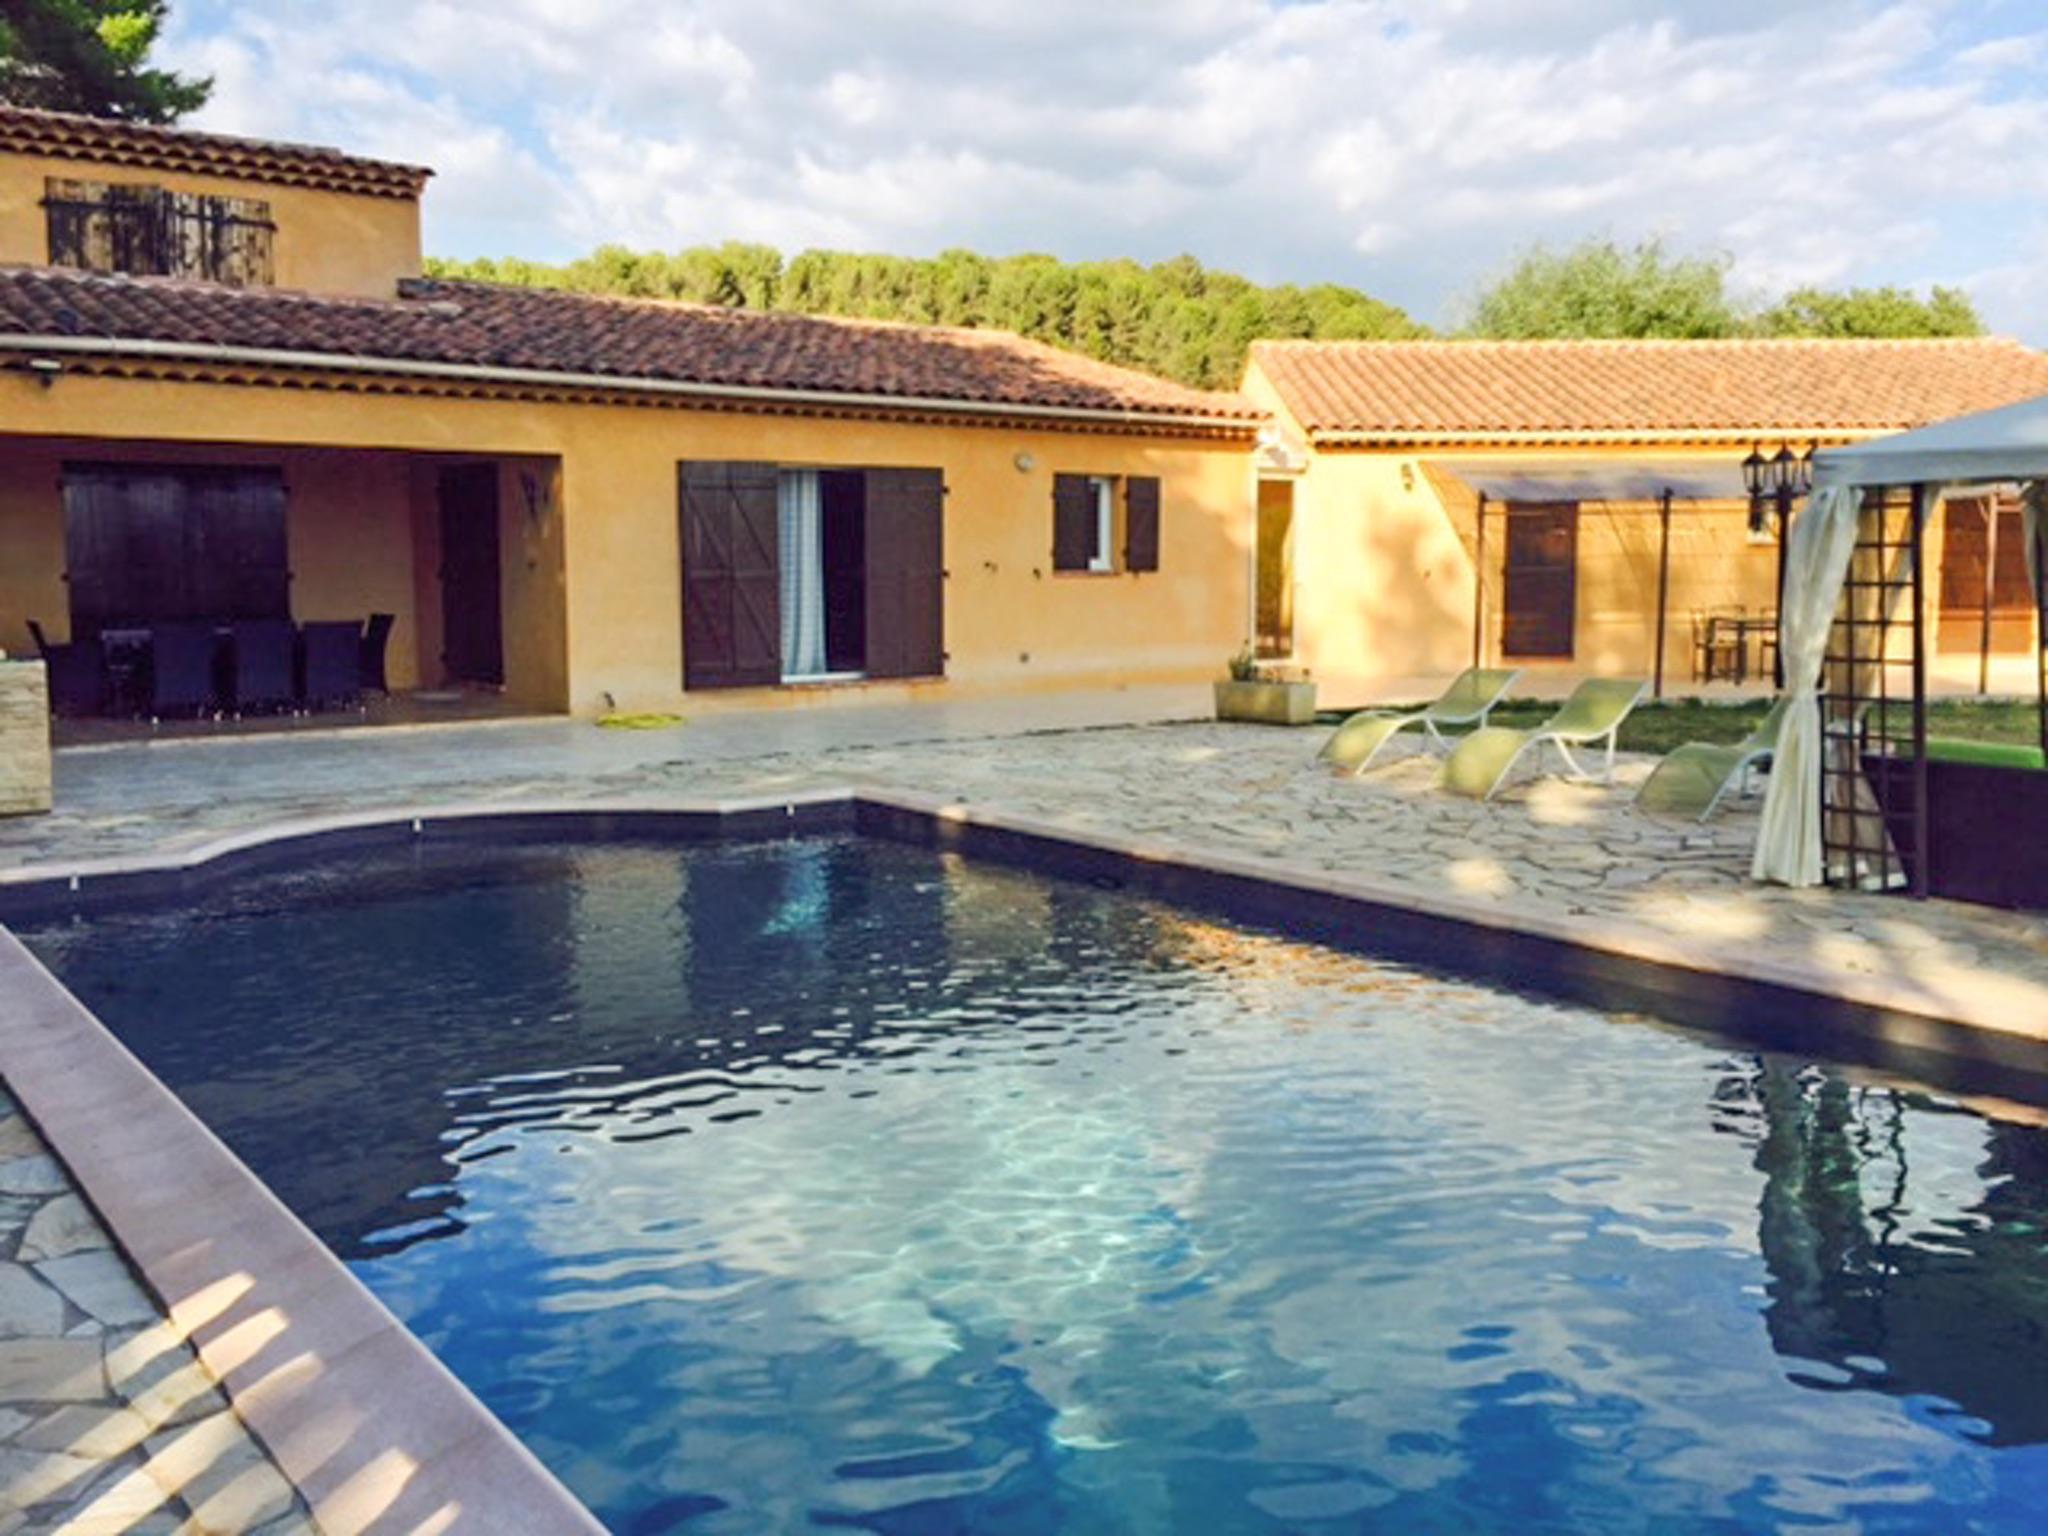 Ferienhaus Haus mit drei Schlafzimmern, Pool, Garten und Terrasse in der Luberon (2201928), Pertuis, Vaucluse, Provence - Alpen - Côte d'Azur, Frankreich, Bild 33